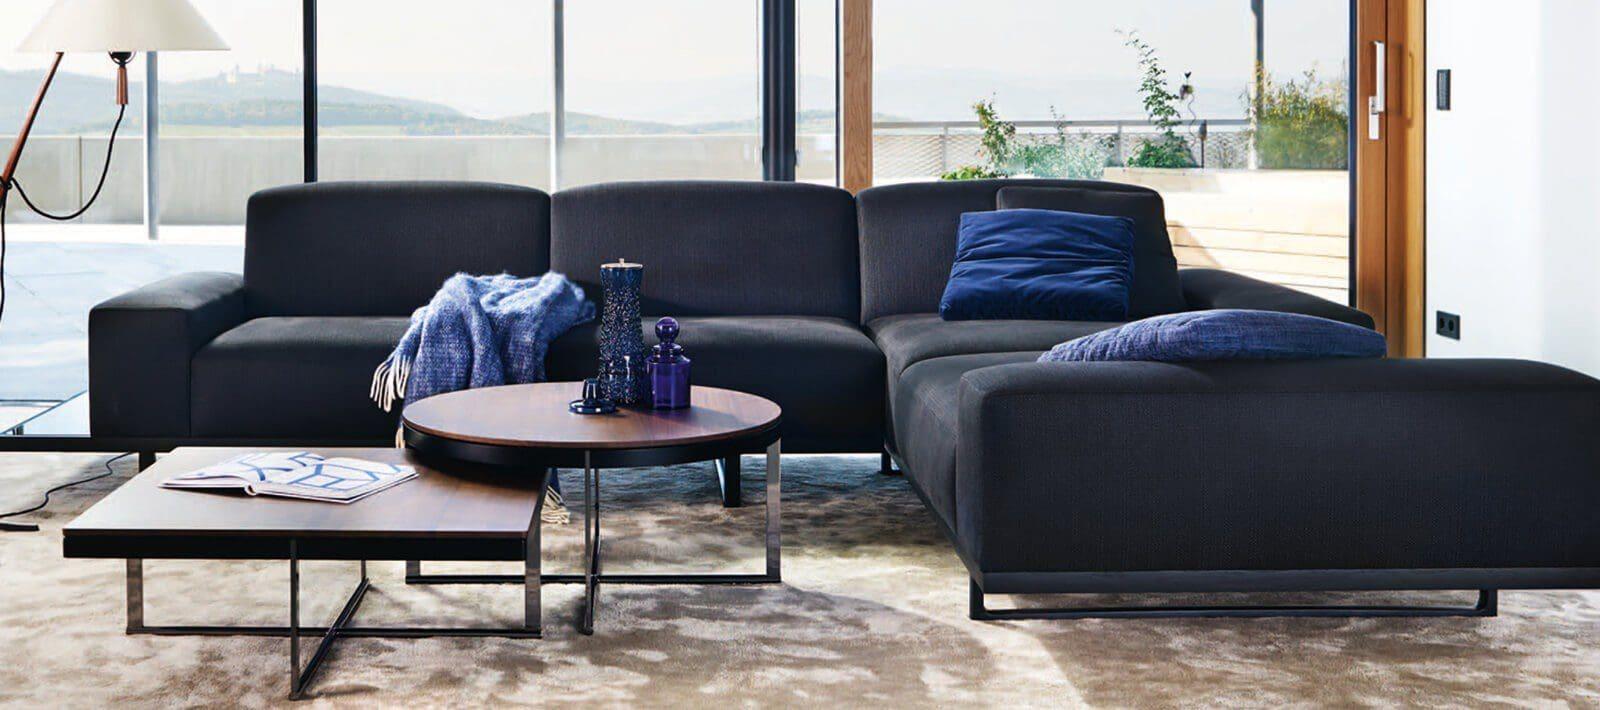 Neueste Polstermöbel-Trends bei Christmann • Westfalen erleben